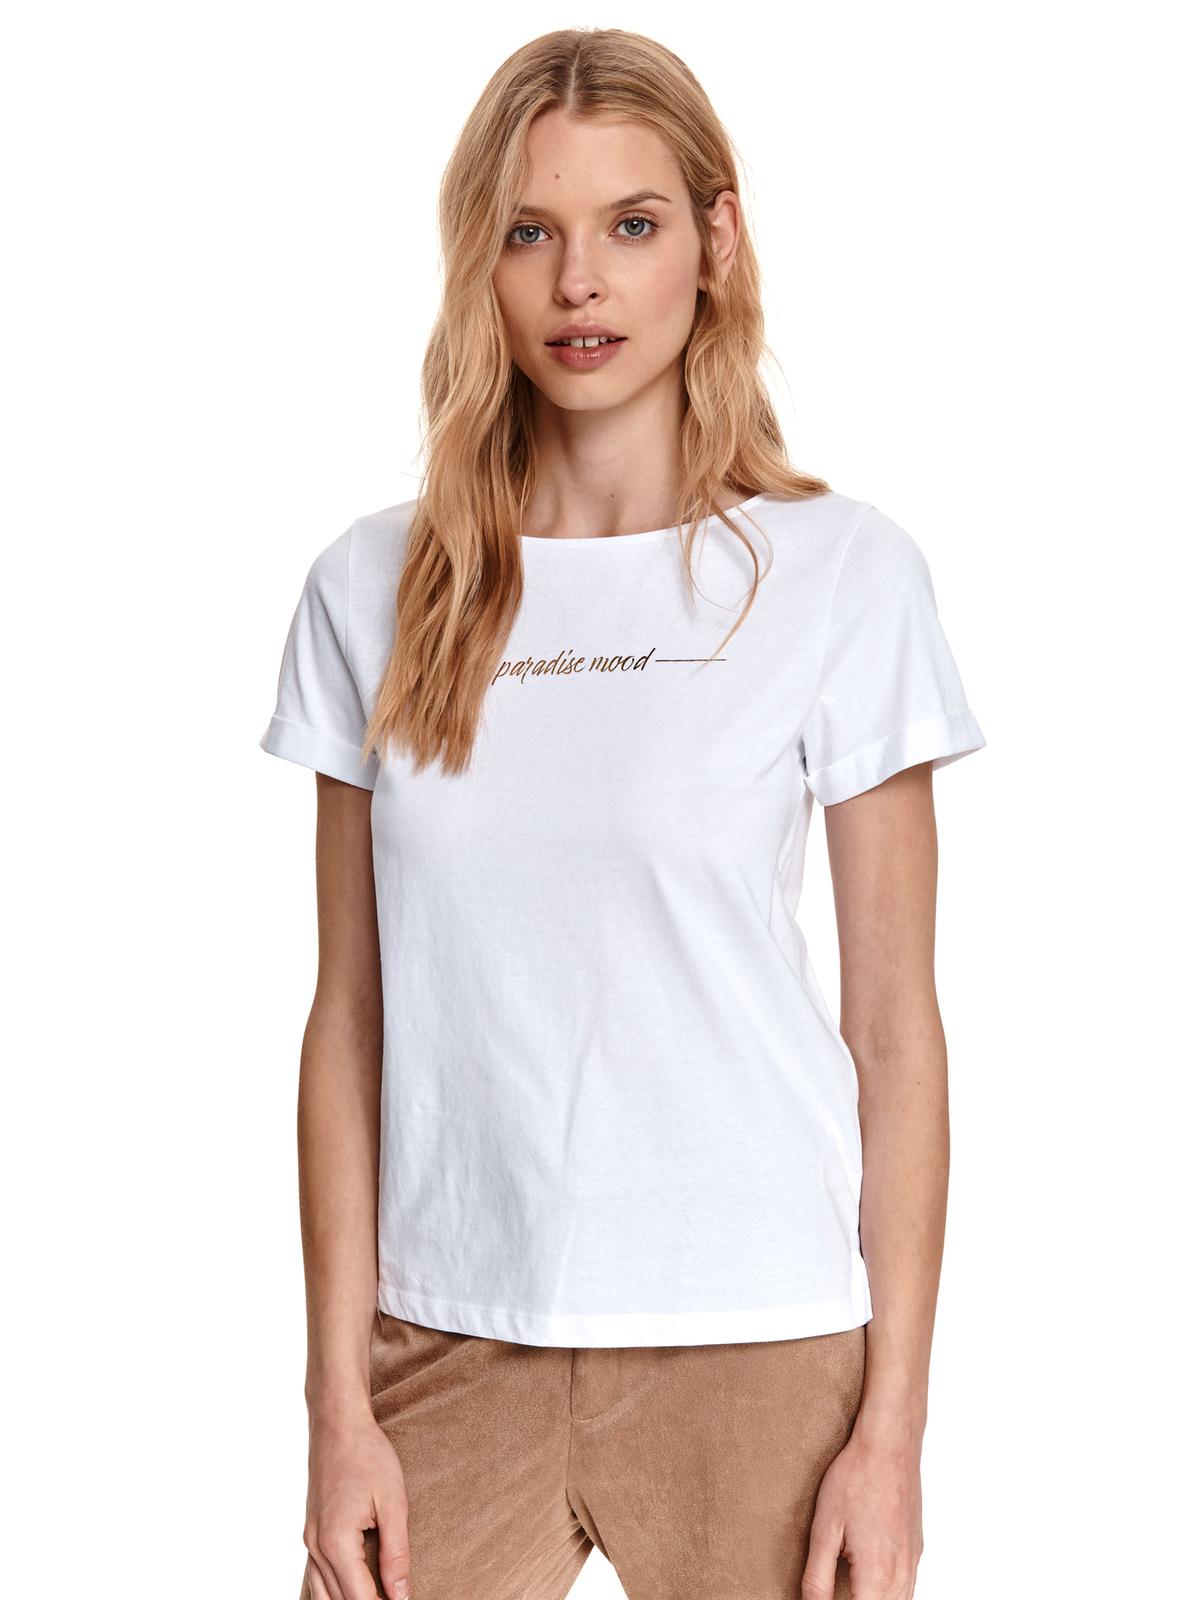 Fehér bő szabású póló pamutból készült grafikai díszítéssel